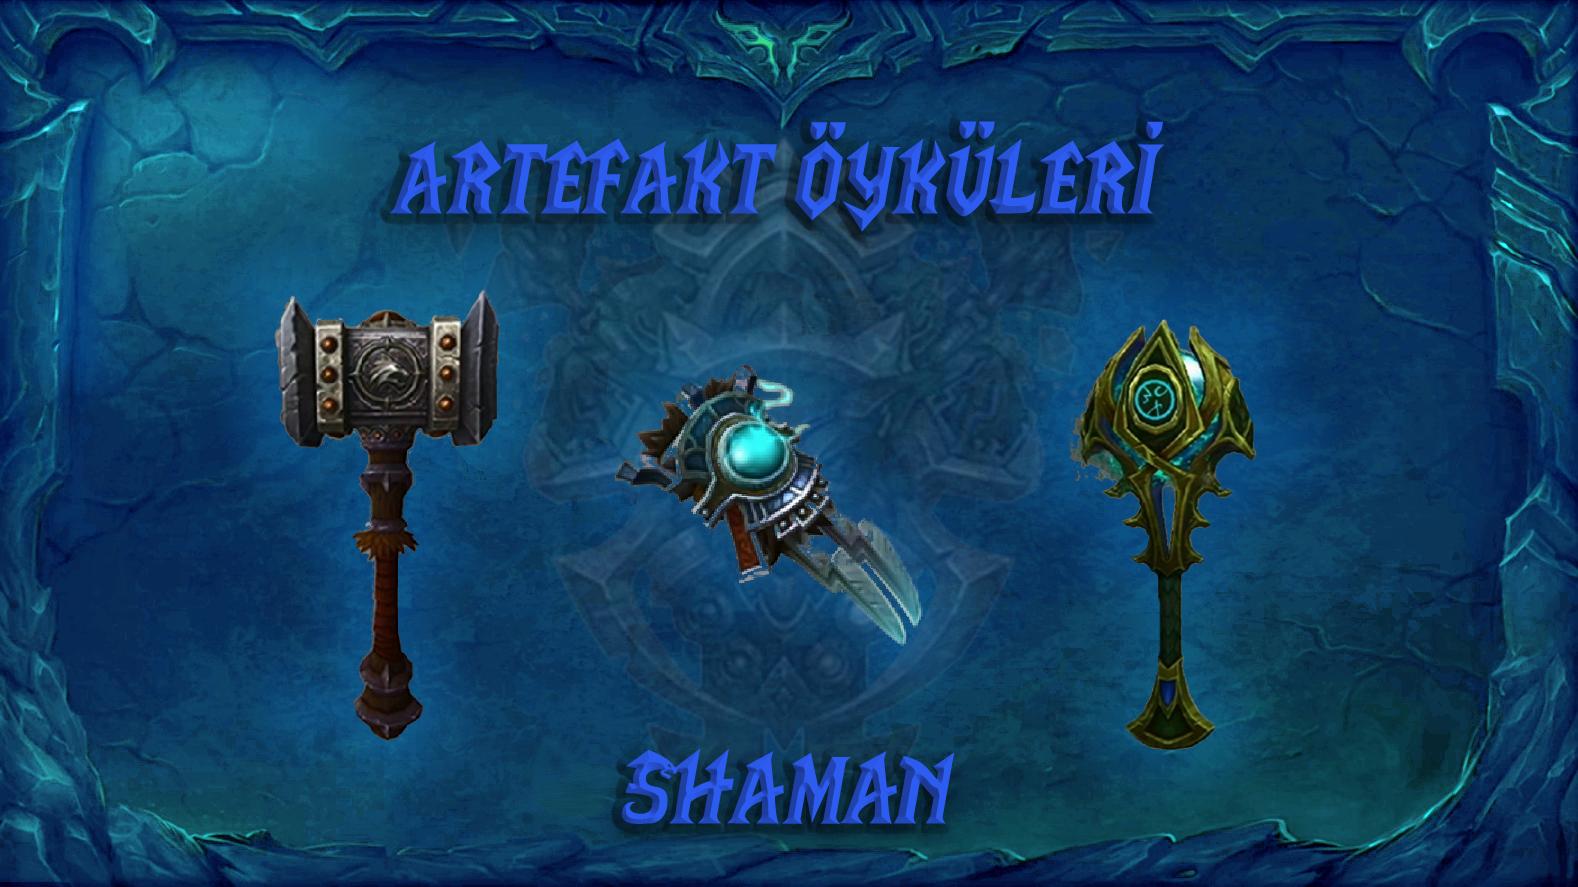 lorekeeper-artefakt-oykuleri-shaman